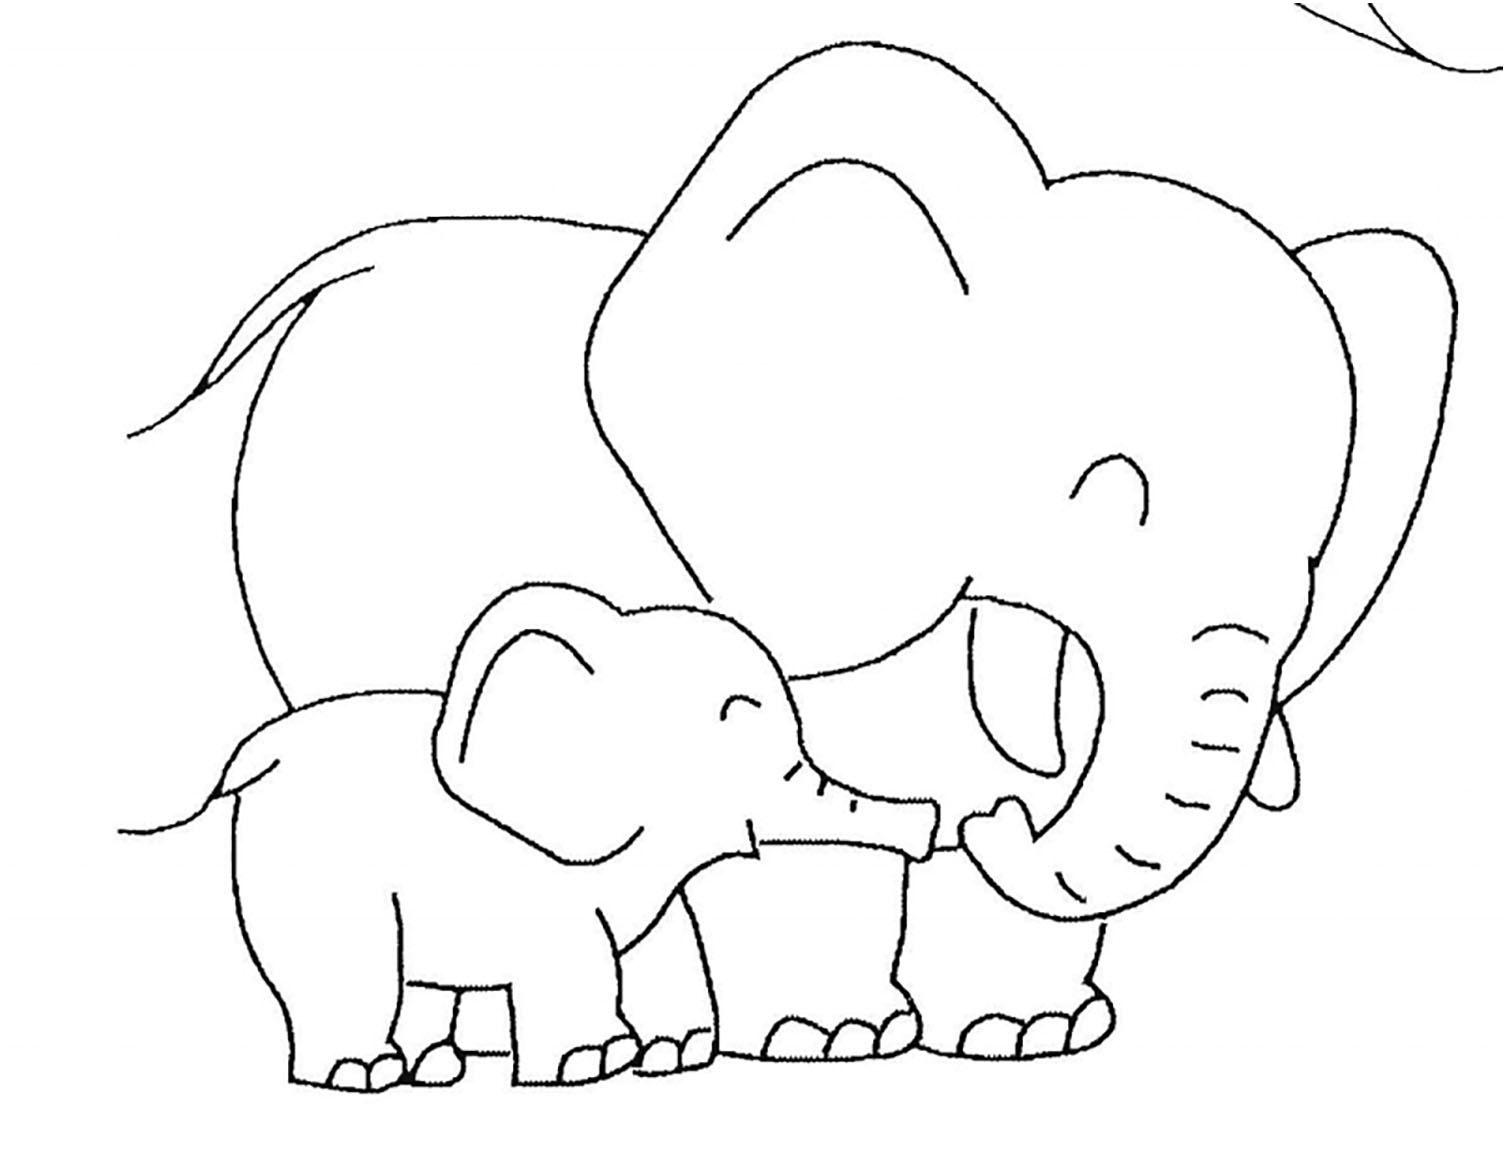 Coloriage D Elephant A Imprimer Coloriage D Elephants Coloriages Pour Enfants